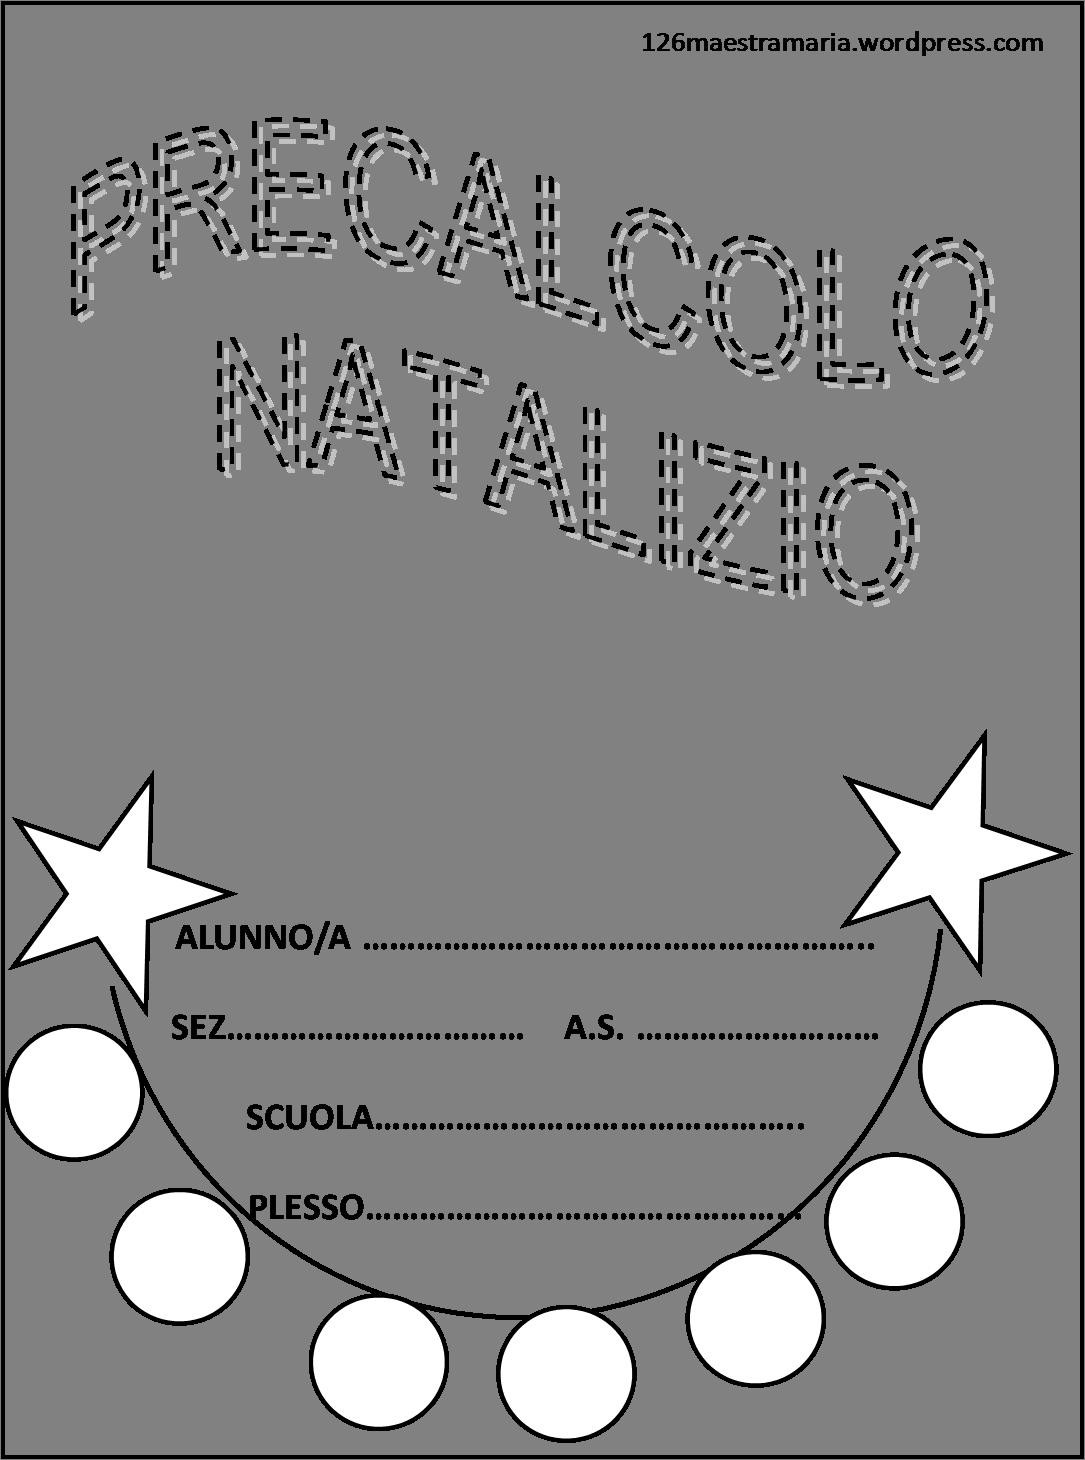 Preferenza precalcolo | Maestramaria BZ49